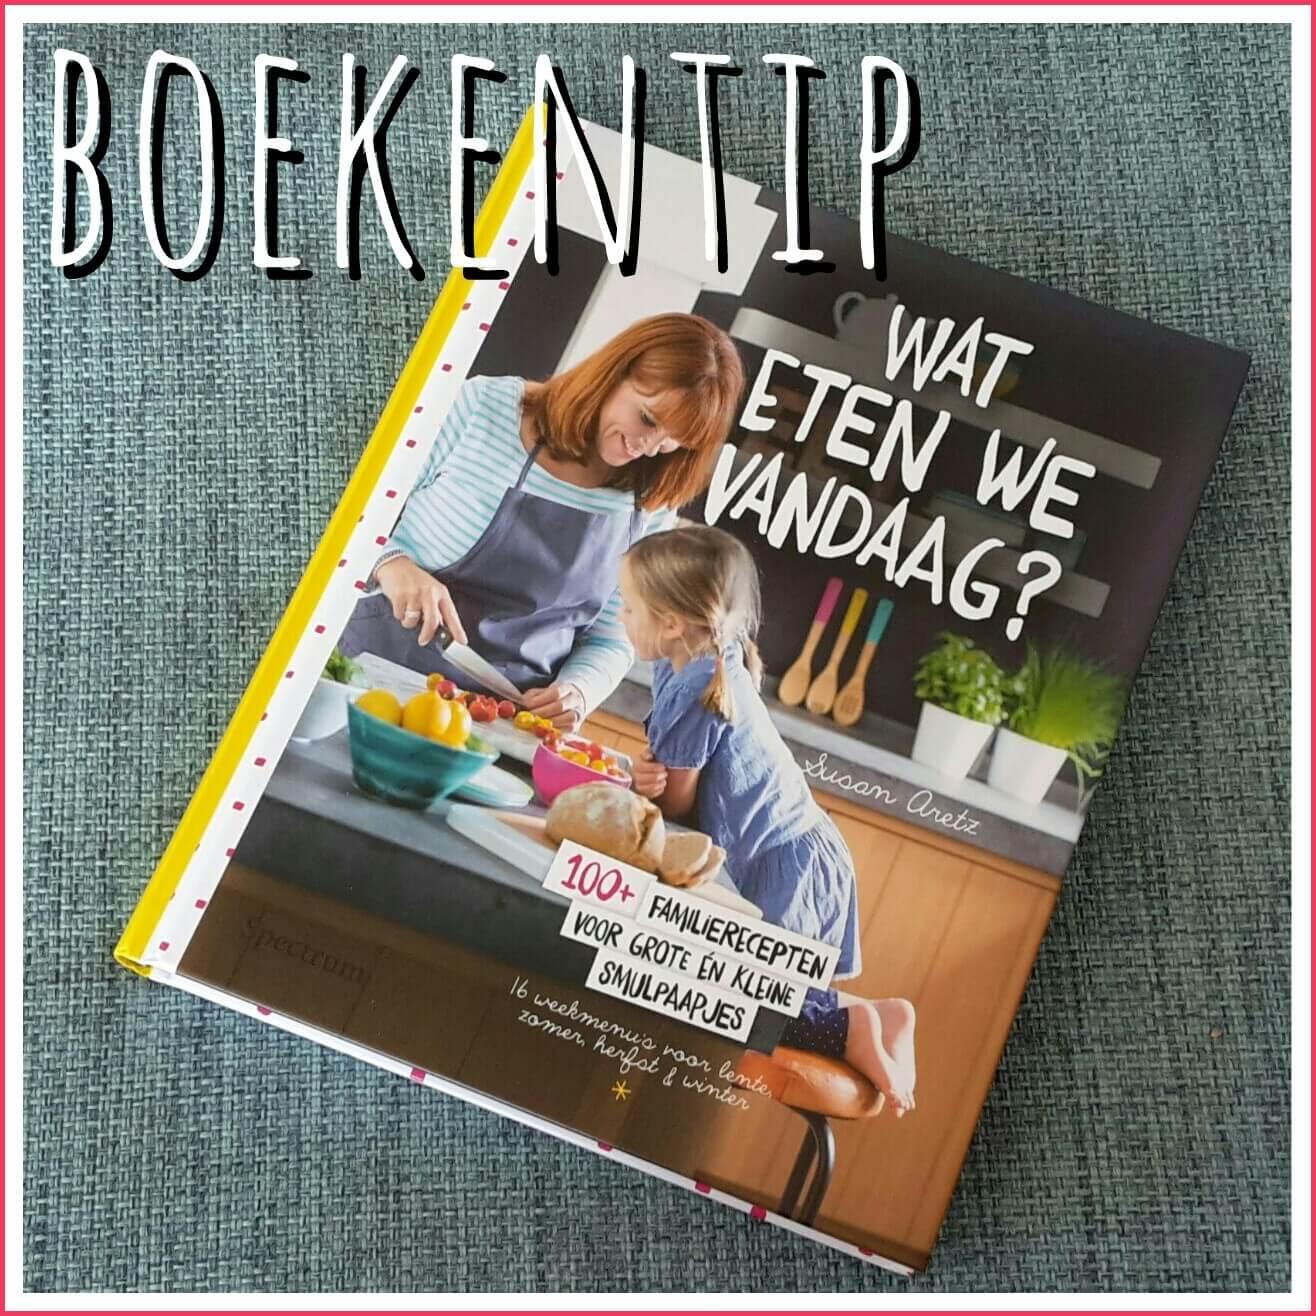 Kookboekentip voor gezinnen: Wat eten we vandaag?